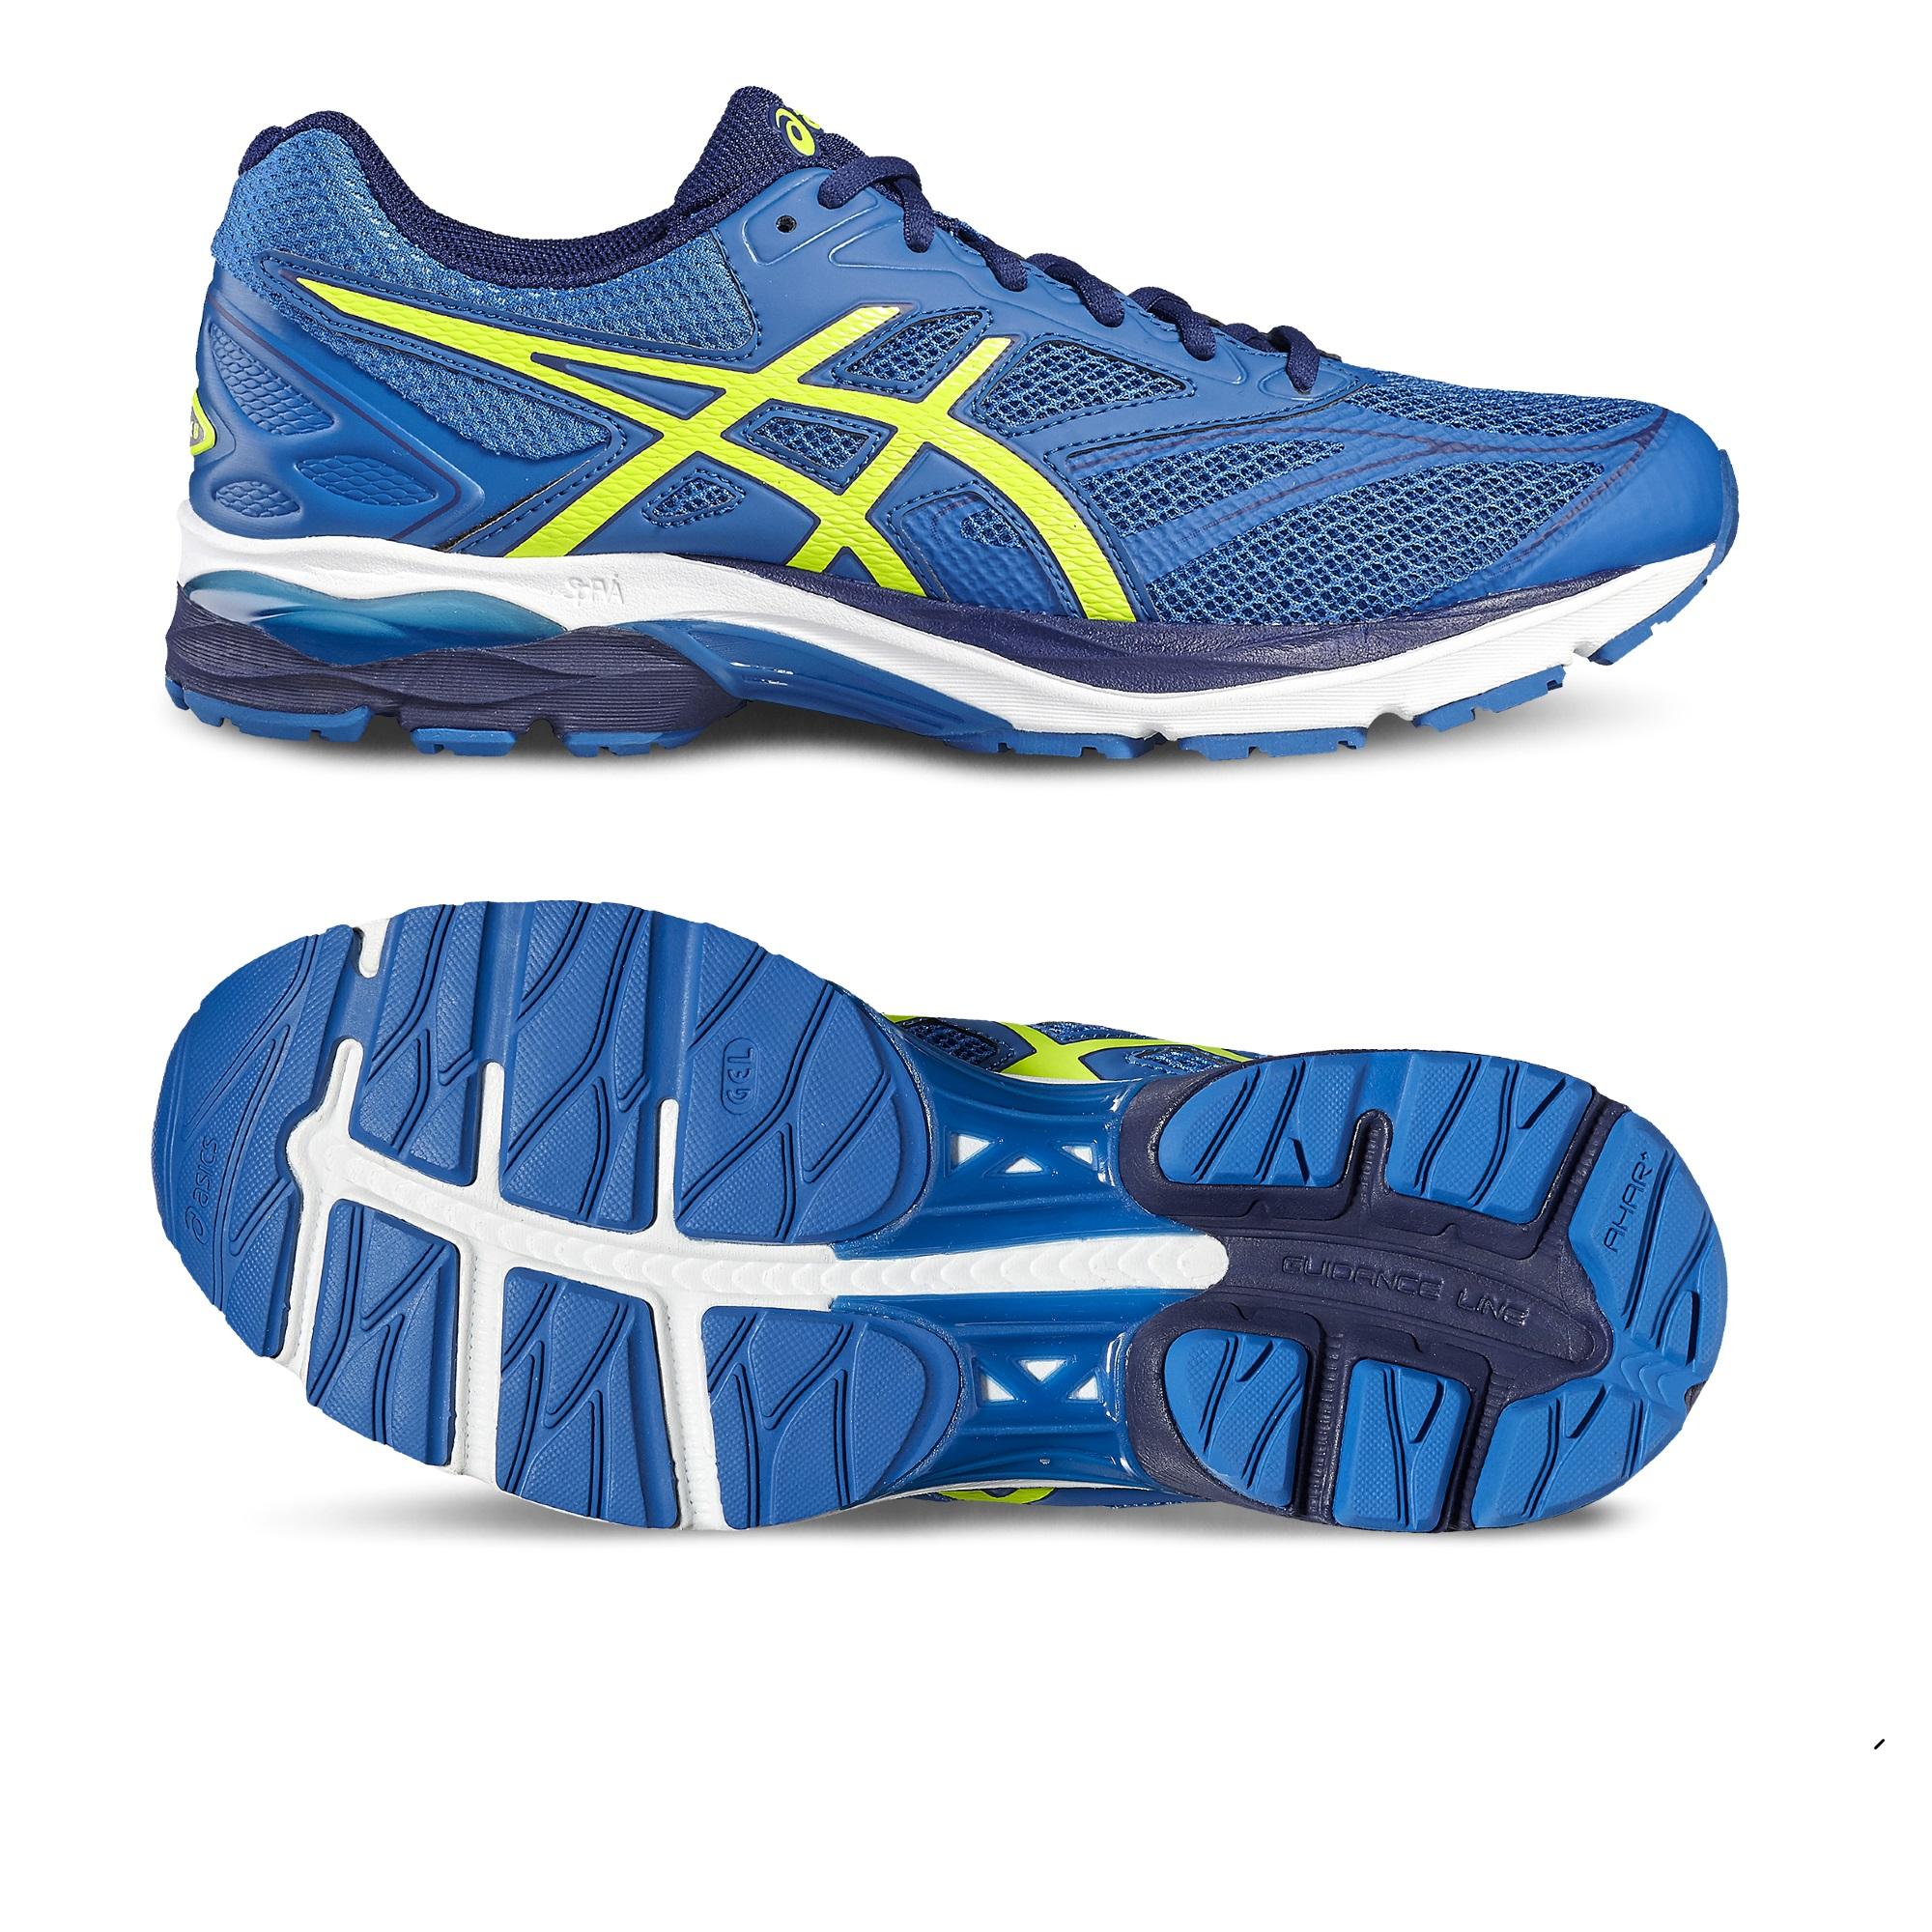 Asics GelPulse 8 Mens Running Shoes  11.5 UK